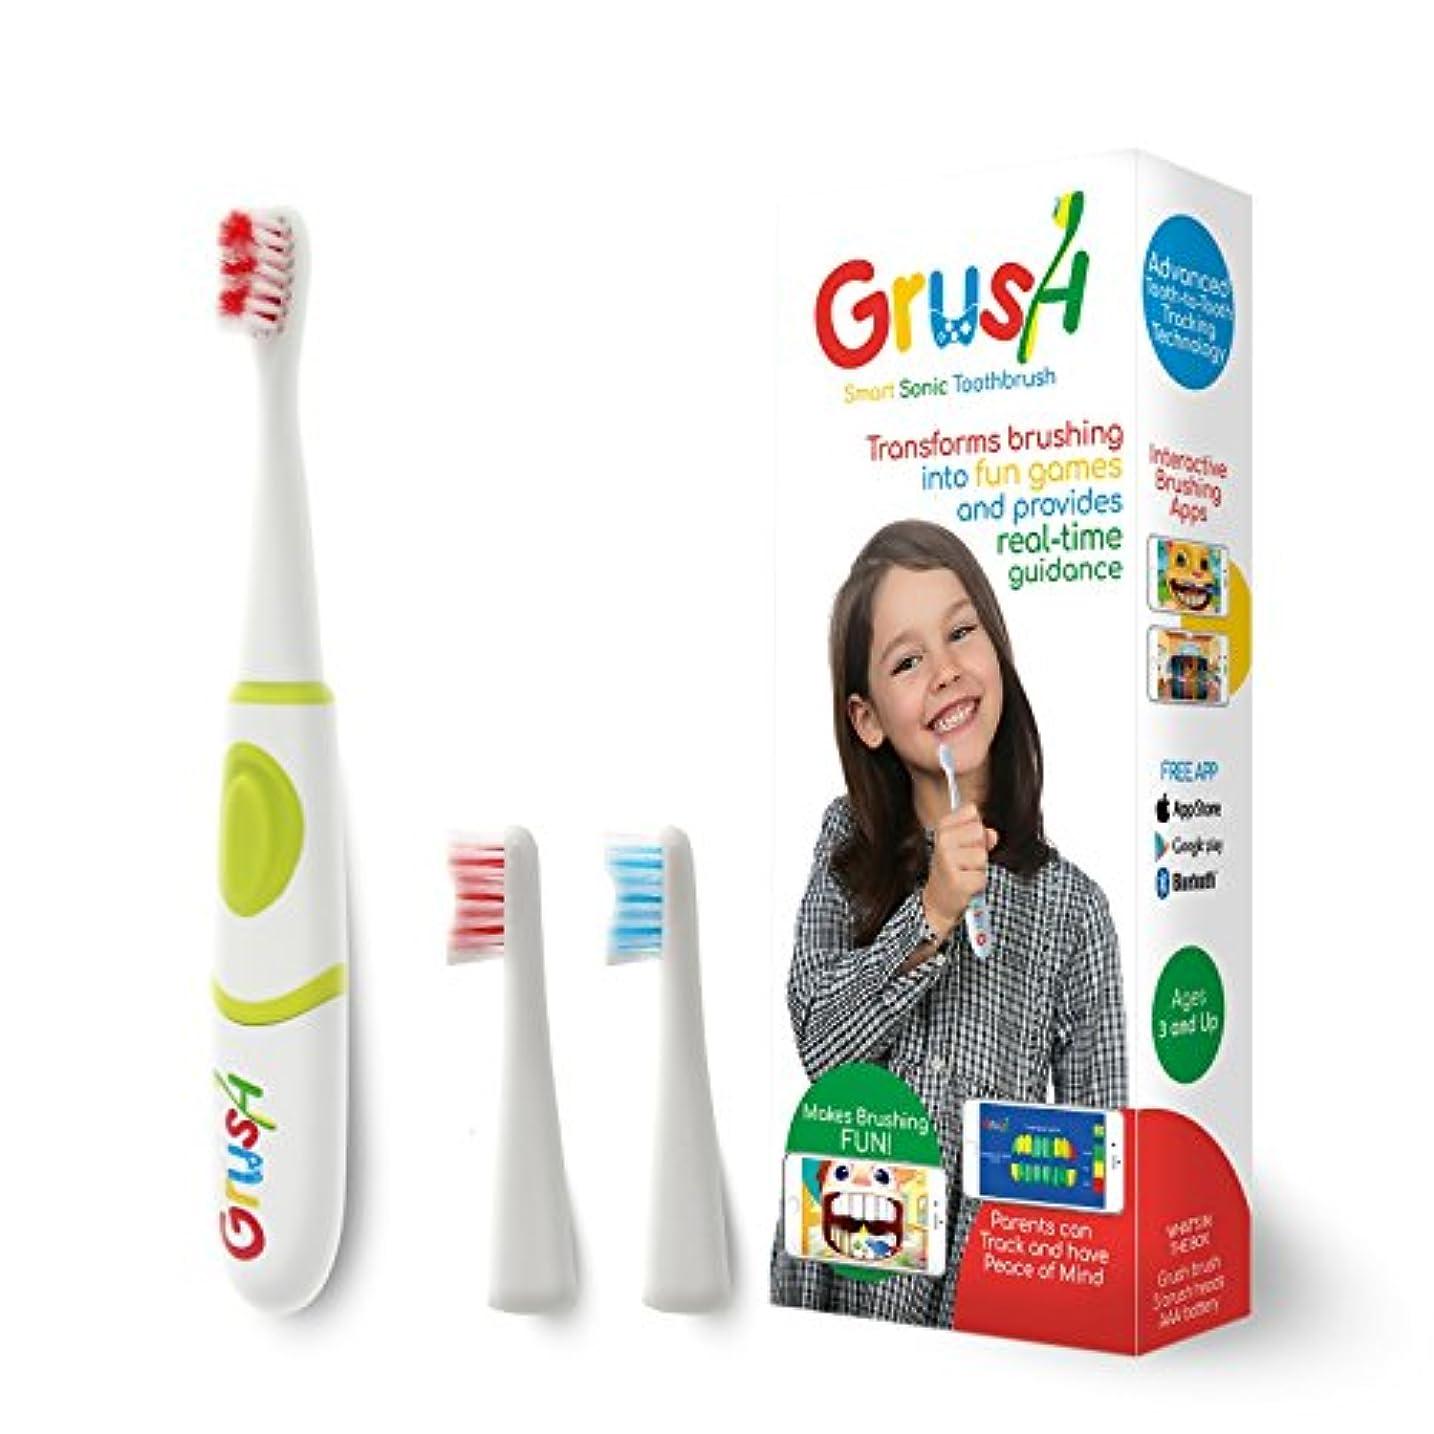 途方もない決定最も歯磨きでモンスターが倒せる!?スマホゲームと連動した電動歯ブラシ「Grush」子供用歯ブラシ 音波振動歯ブラシ